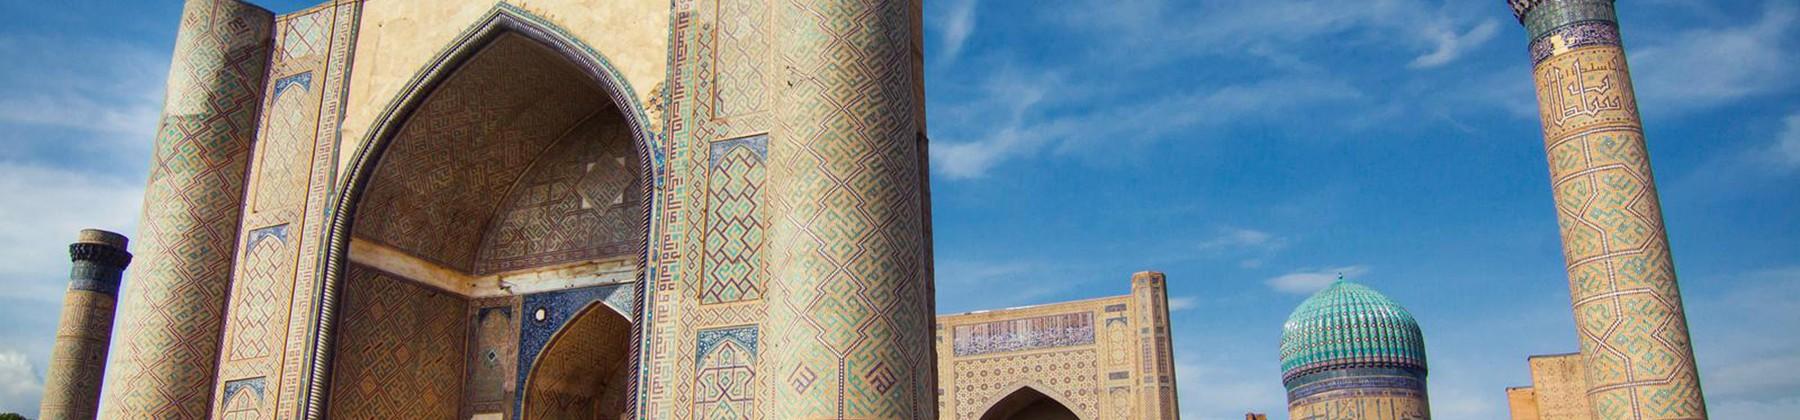 Beautiful Uzbekistan: Tashkent, Samarkand, Bukhara and Khiva - 1